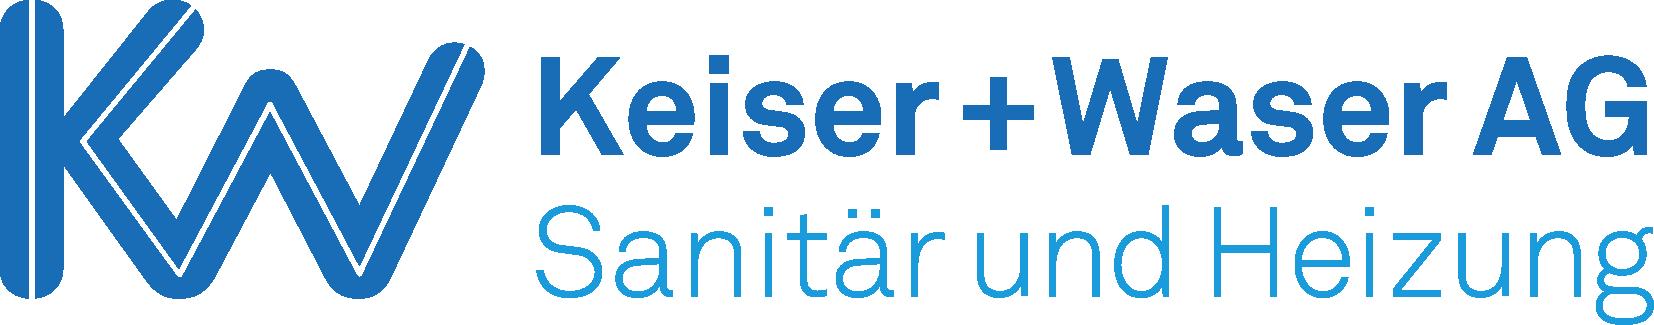 Bild Keiser + Waser AG